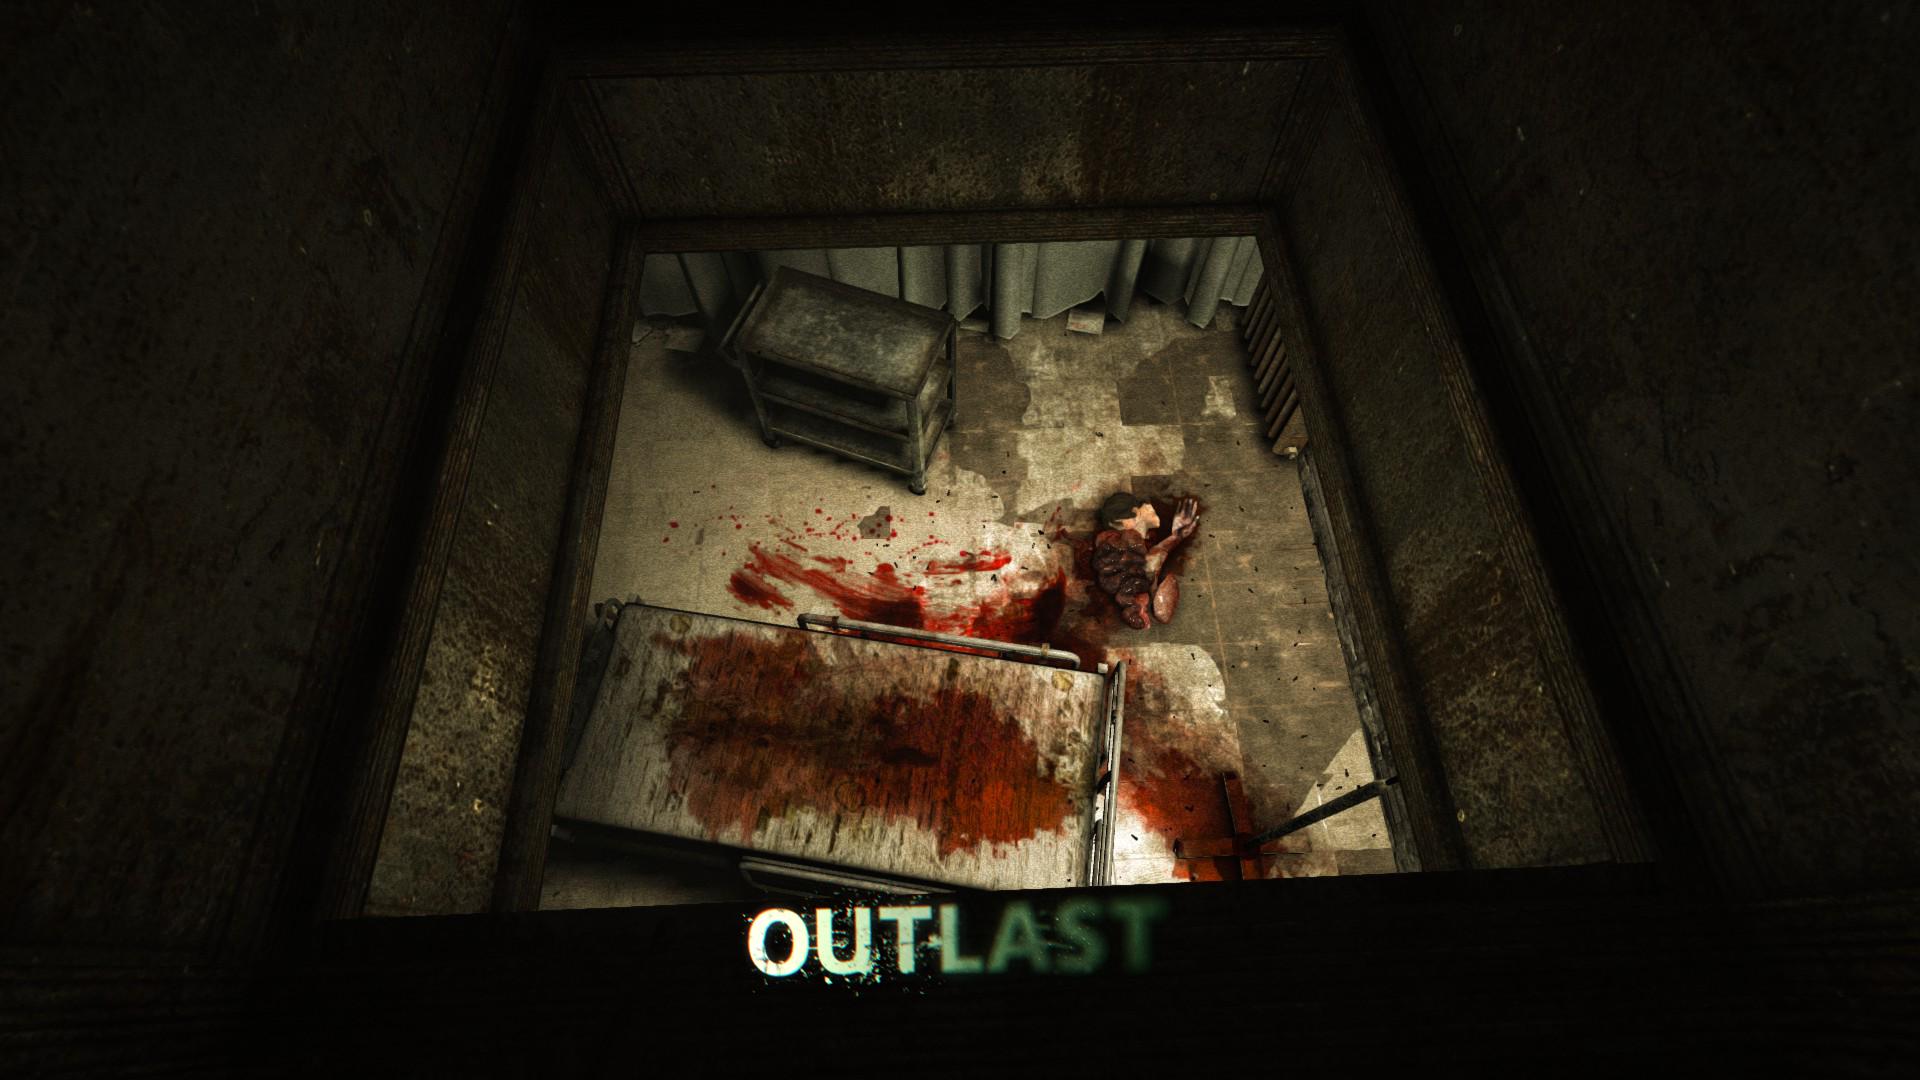 Outlast wallpaper I made from a Screenshot 1920x1080 Outlast 1920x1080